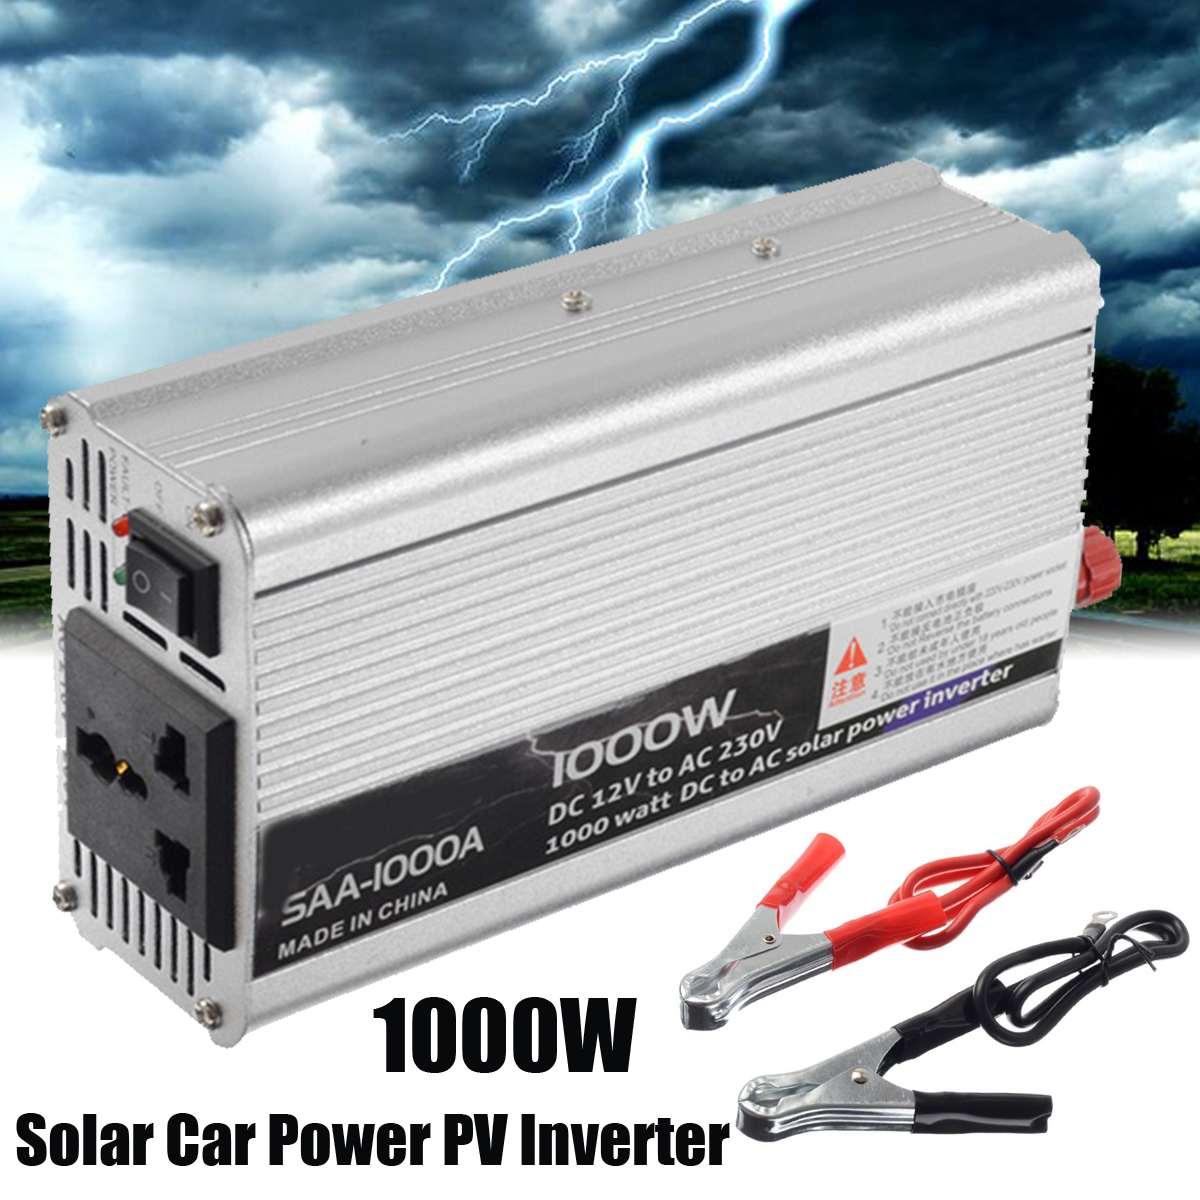 1000W DC 12V à AC 220V convertisseur transformateur maison voiture énergie solaire PV onduleur convertisseur pur onde sinusoïdale alimentation d'énergie éolienne